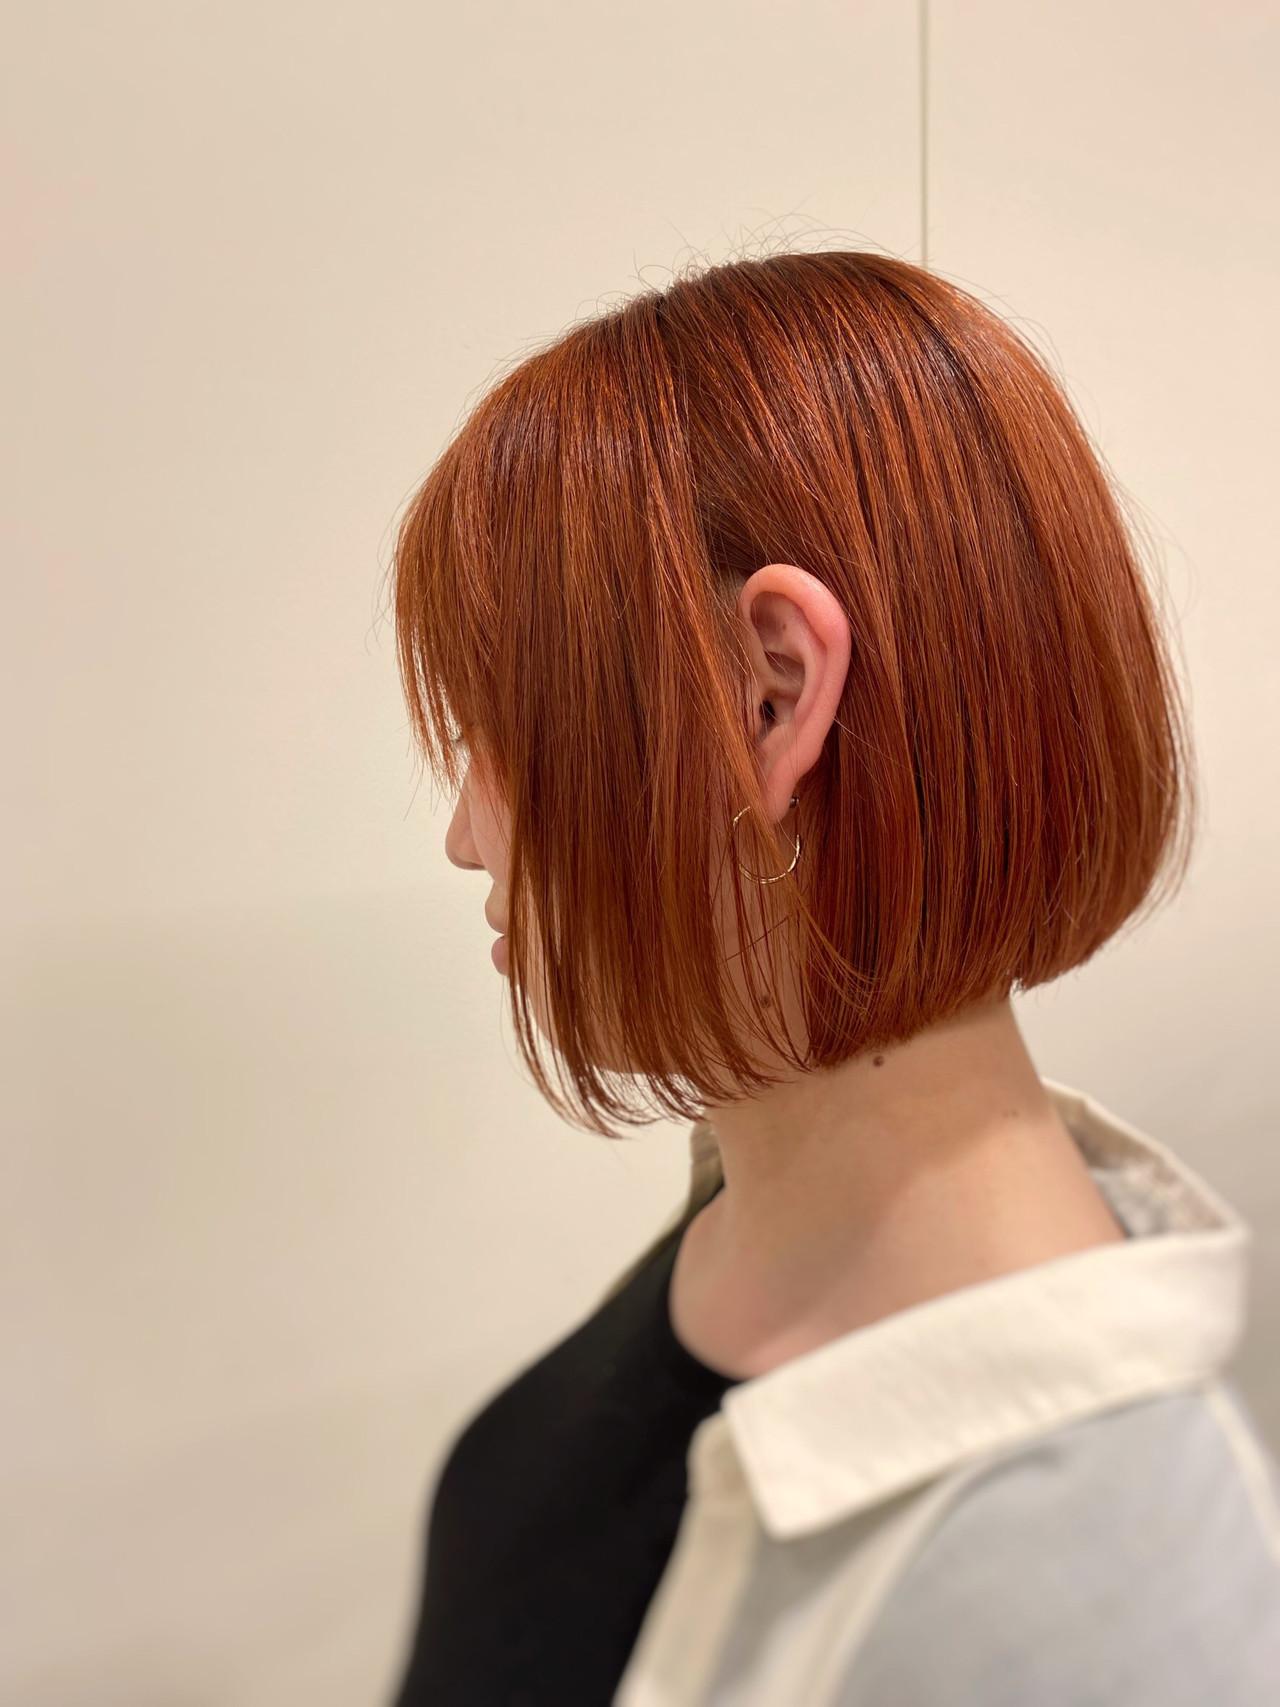 ハイトーン ガーリー オレンジカラー ボブ ヘアスタイルや髪型の写真・画像 | 寺本 由樹 / モリオフロムロンドン大宮店